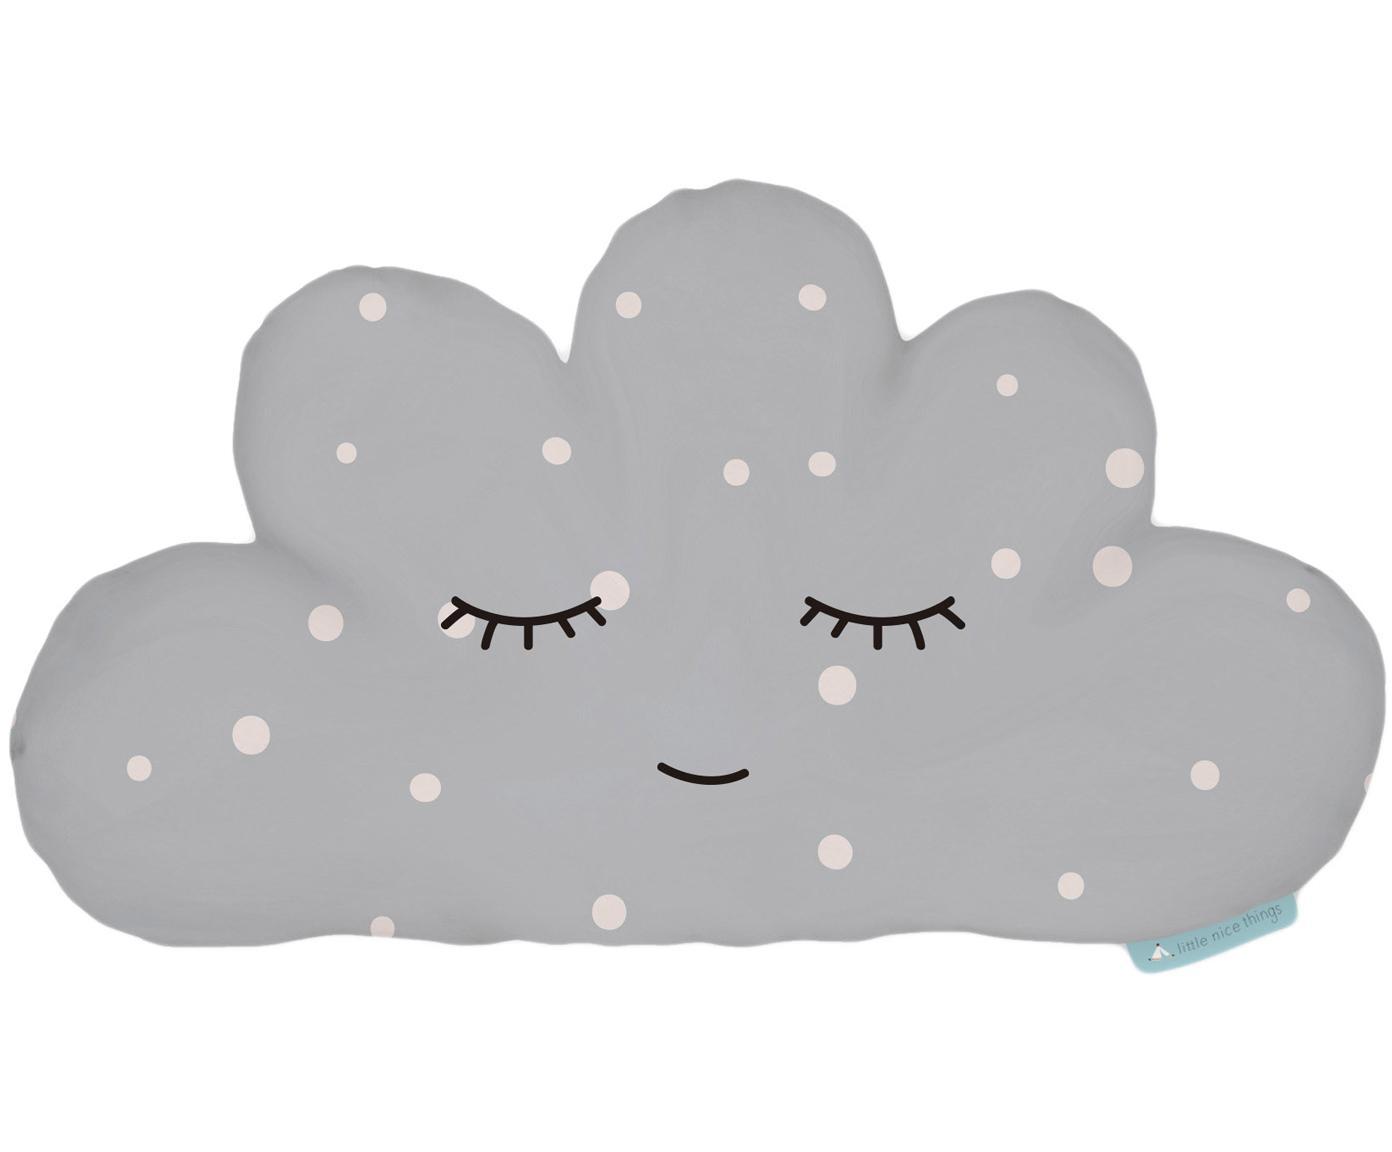 Kuschelkissen Cloud, Polyester (Mikrofaser), Grau, Weiss, Schwarz, 21 x 42 cm